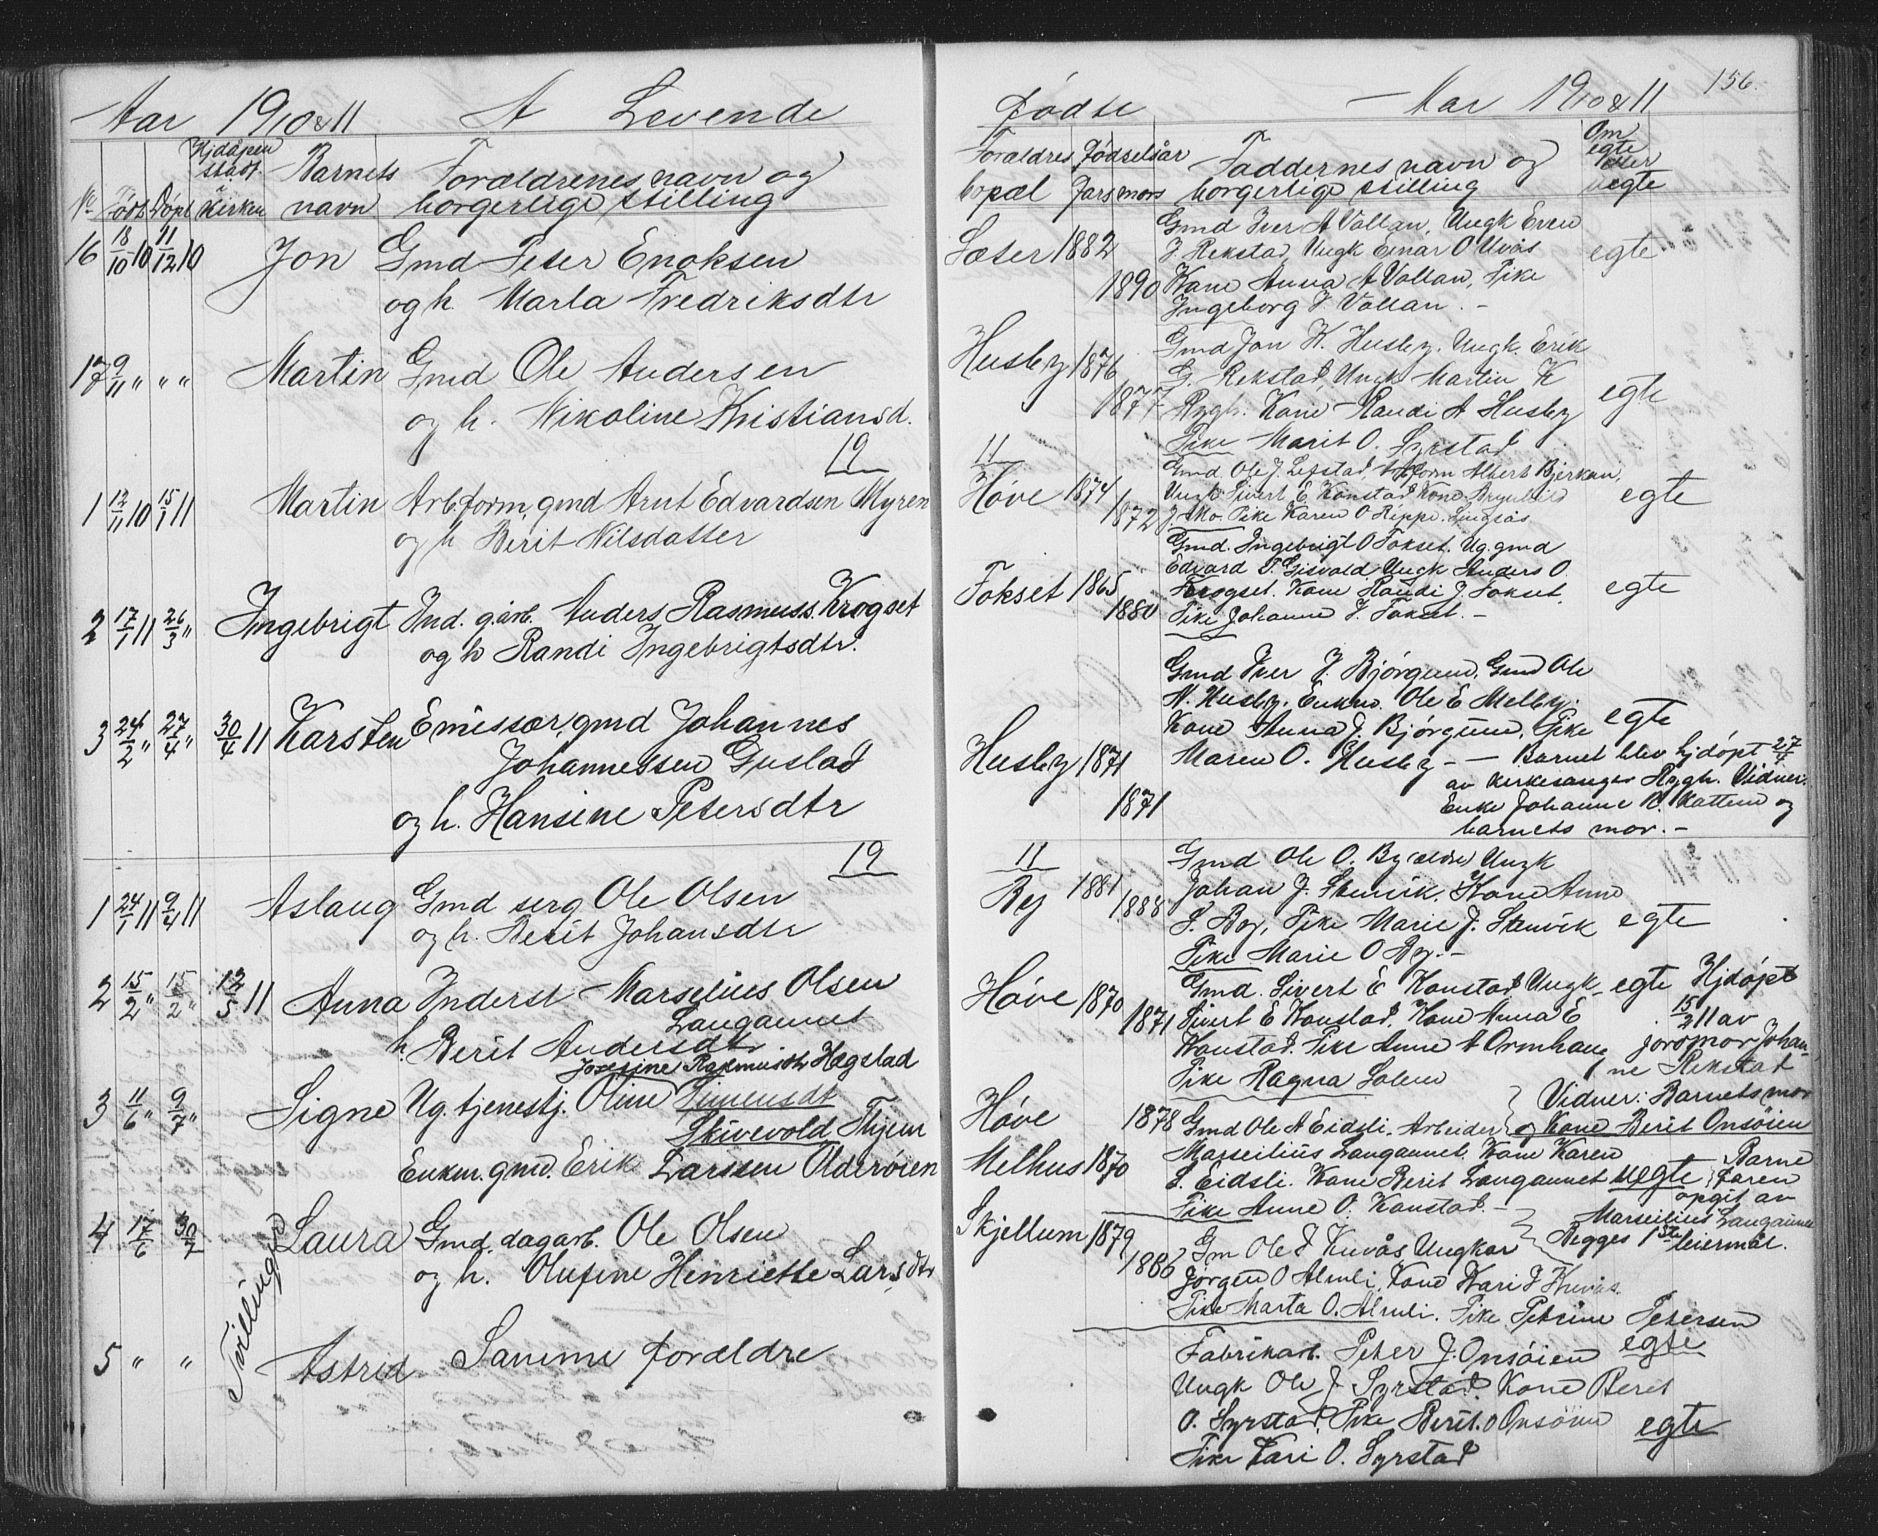 SAT, Ministerialprotokoller, klokkerbøker og fødselsregistre - Sør-Trøndelag, 667/L0798: Klokkerbok nr. 667C03, 1867-1929, s. 156